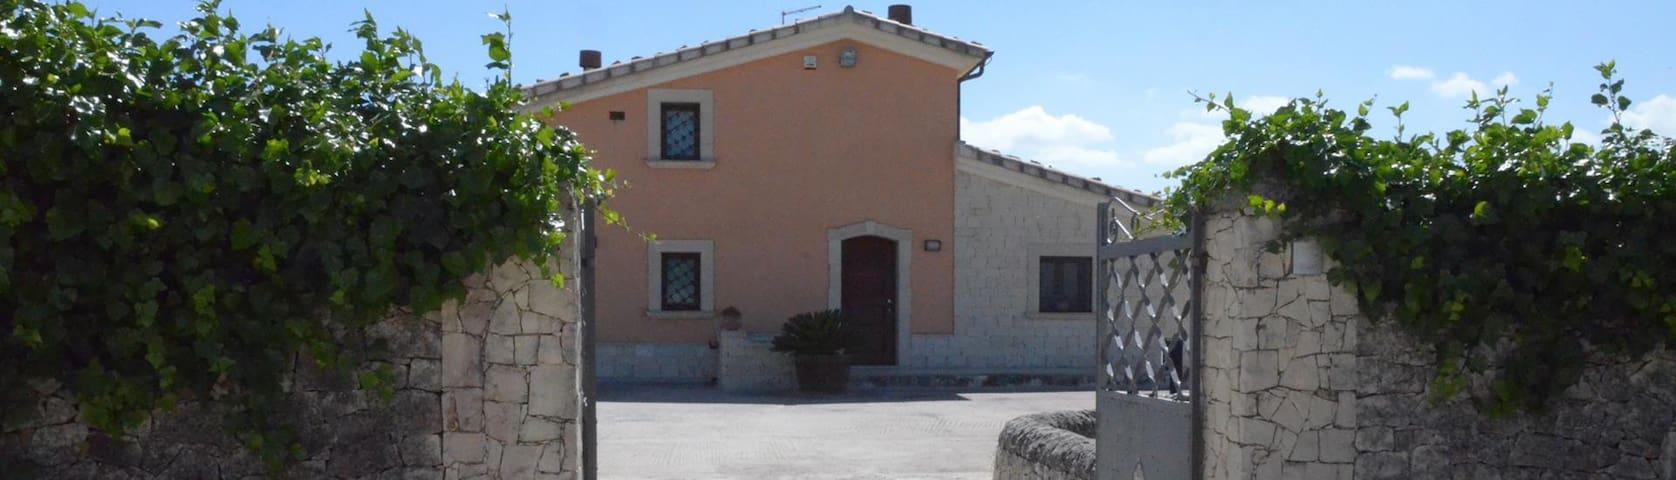 Villa Collina degl' Iblei - Giarratana